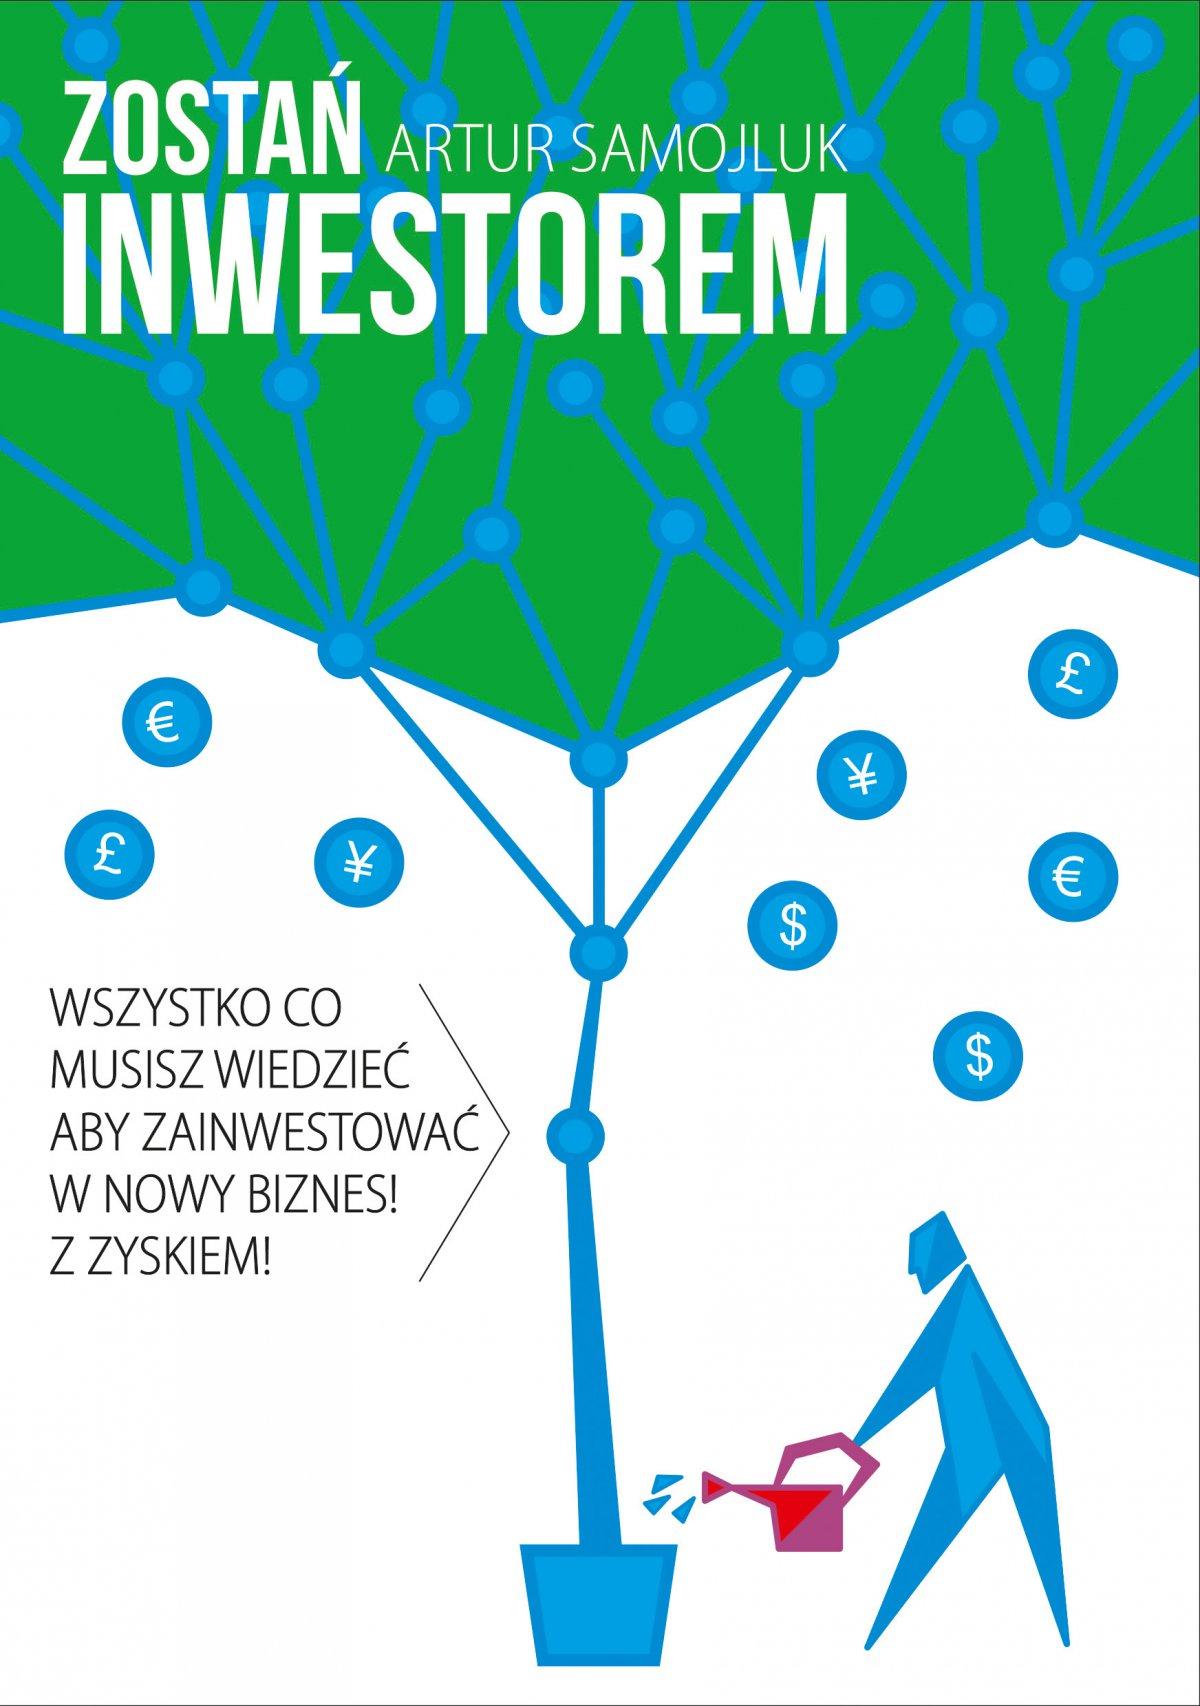 Zostań inwestorem czyli sztuka podejmowania dobrych decyzji finansowych - Ebook (Książka na Kindle) do pobrania w formacie MOBI